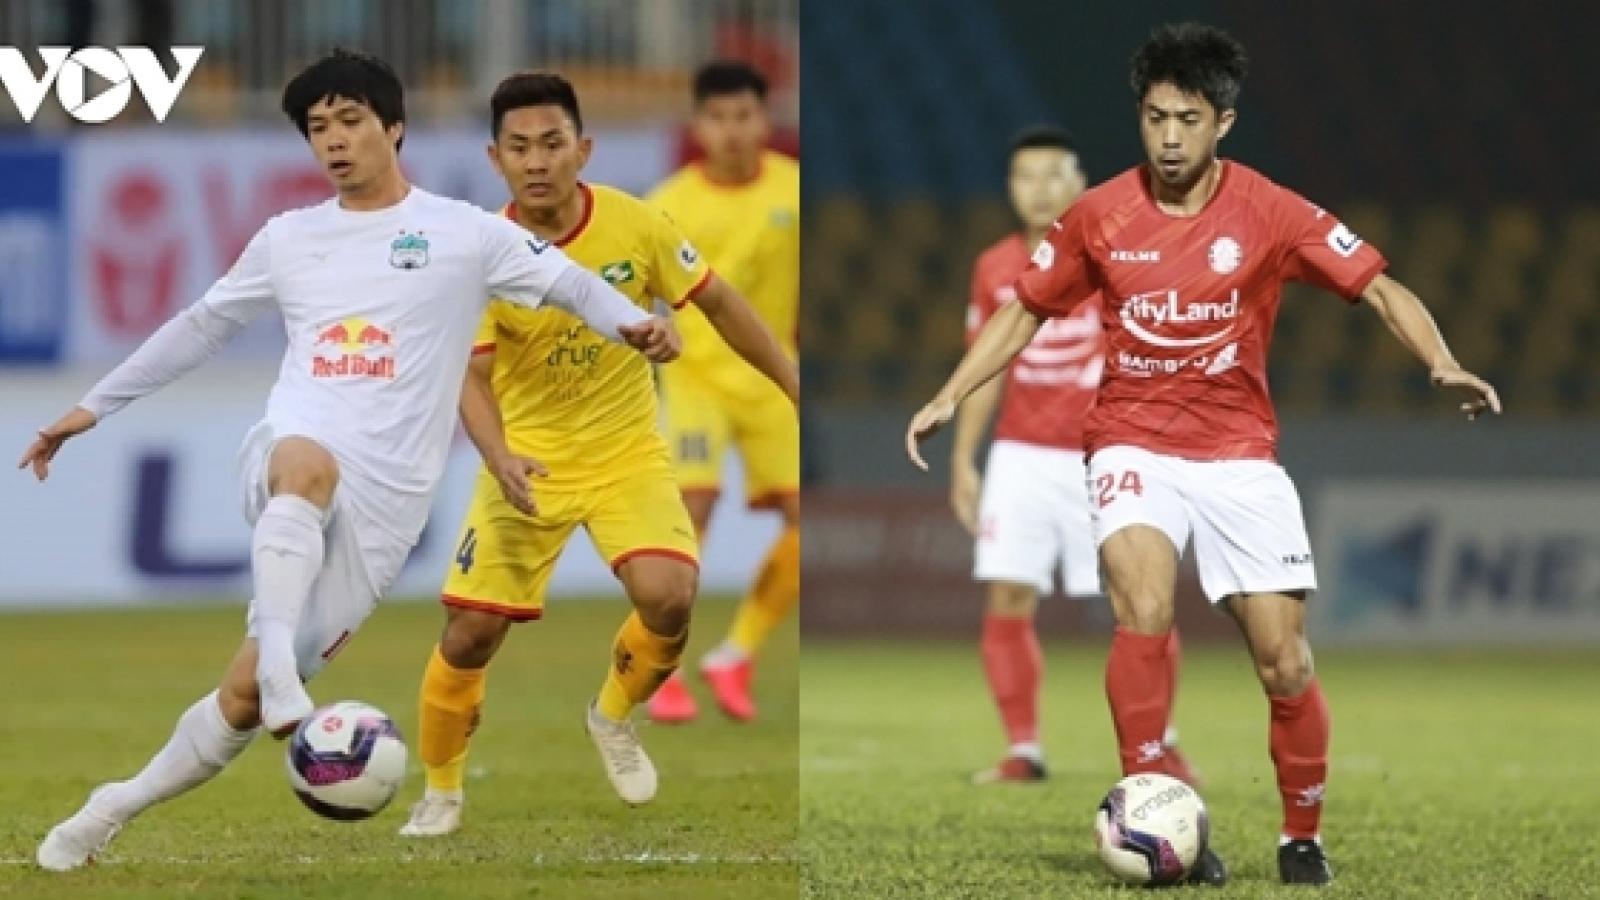 Công Phượng, Lee Nguyễn và đội hình cầu thủ từng khoác áo cả HAGL lẫn TPHCM